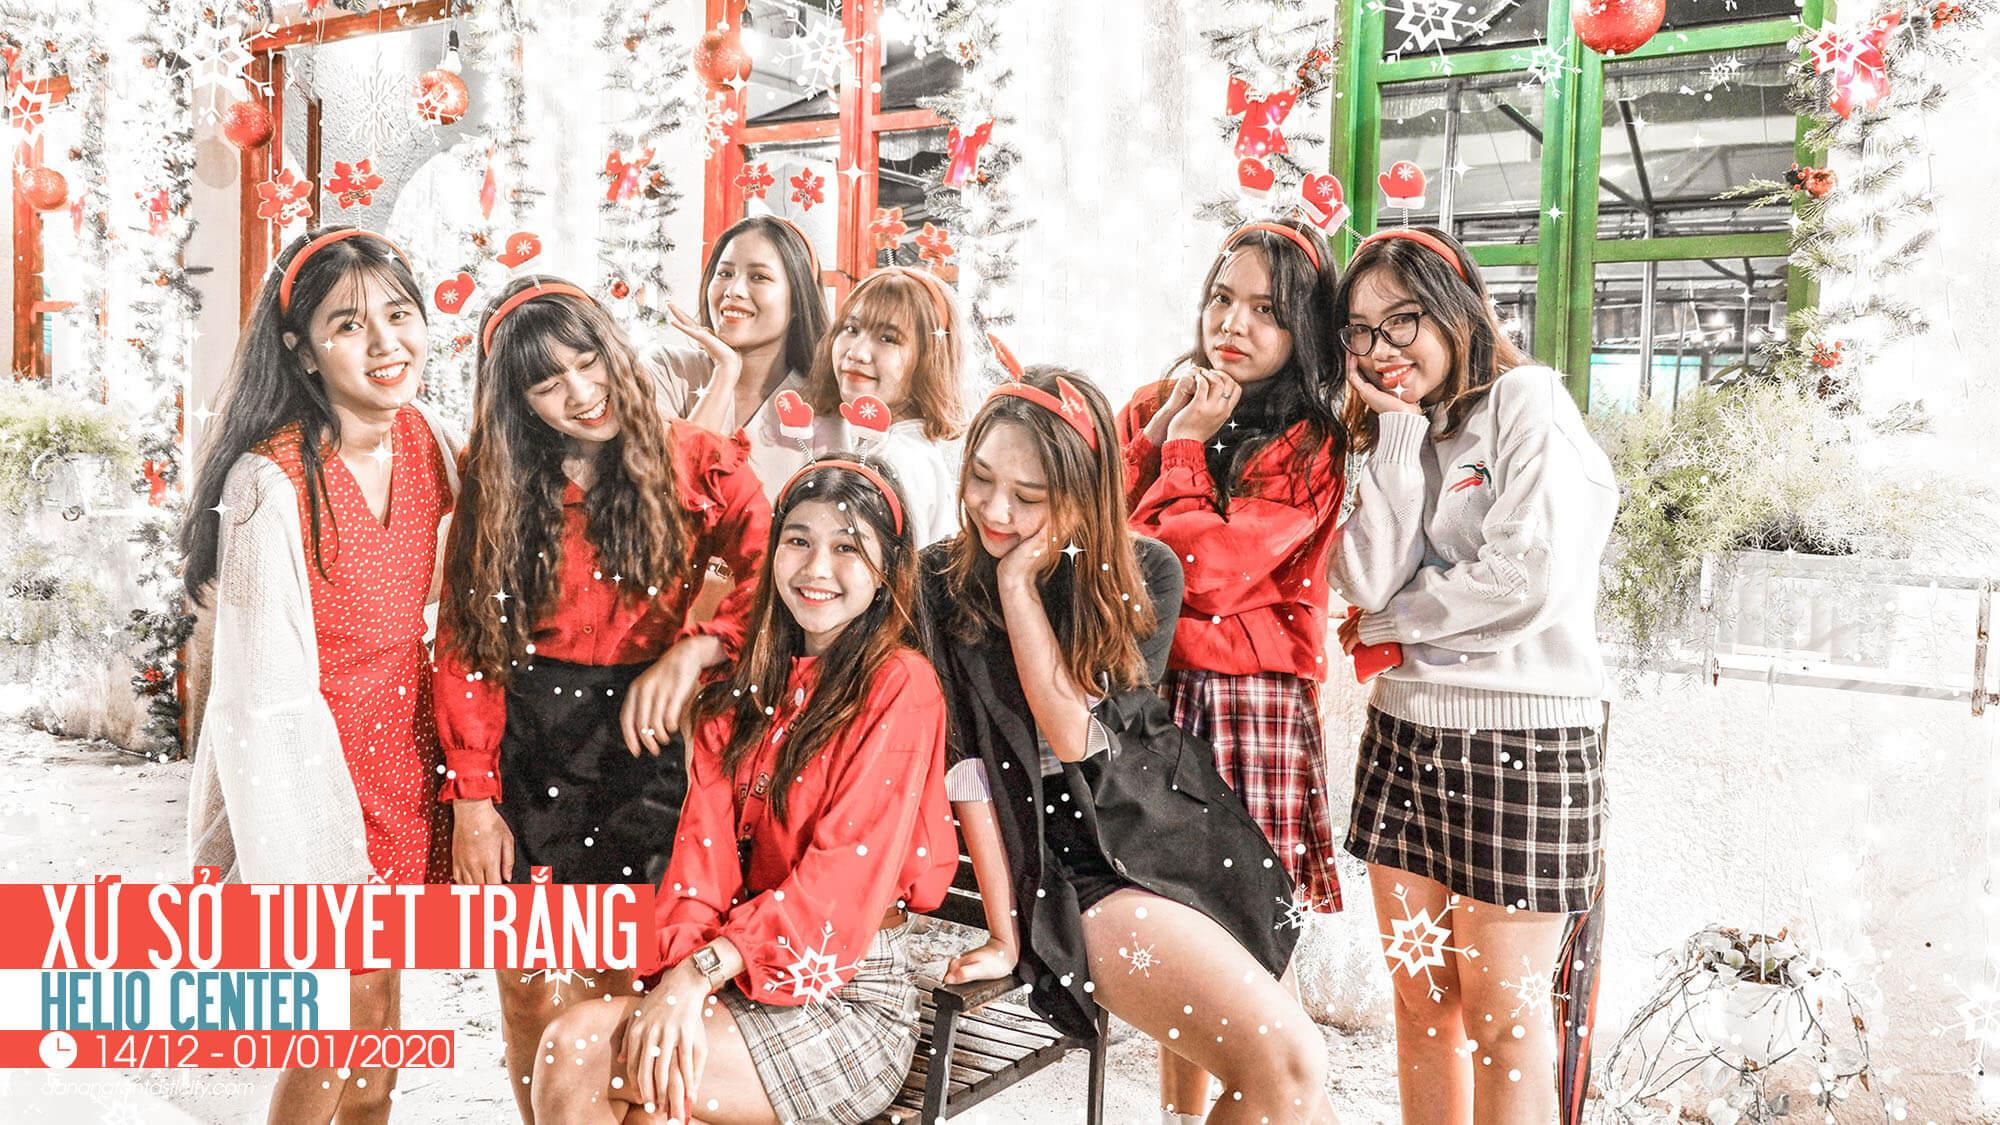 Xu So Tuyet Trang Helio Center Cac Su Kien Noi Bat Da Nang Thang 12 2019 Chao Nam Moi 01